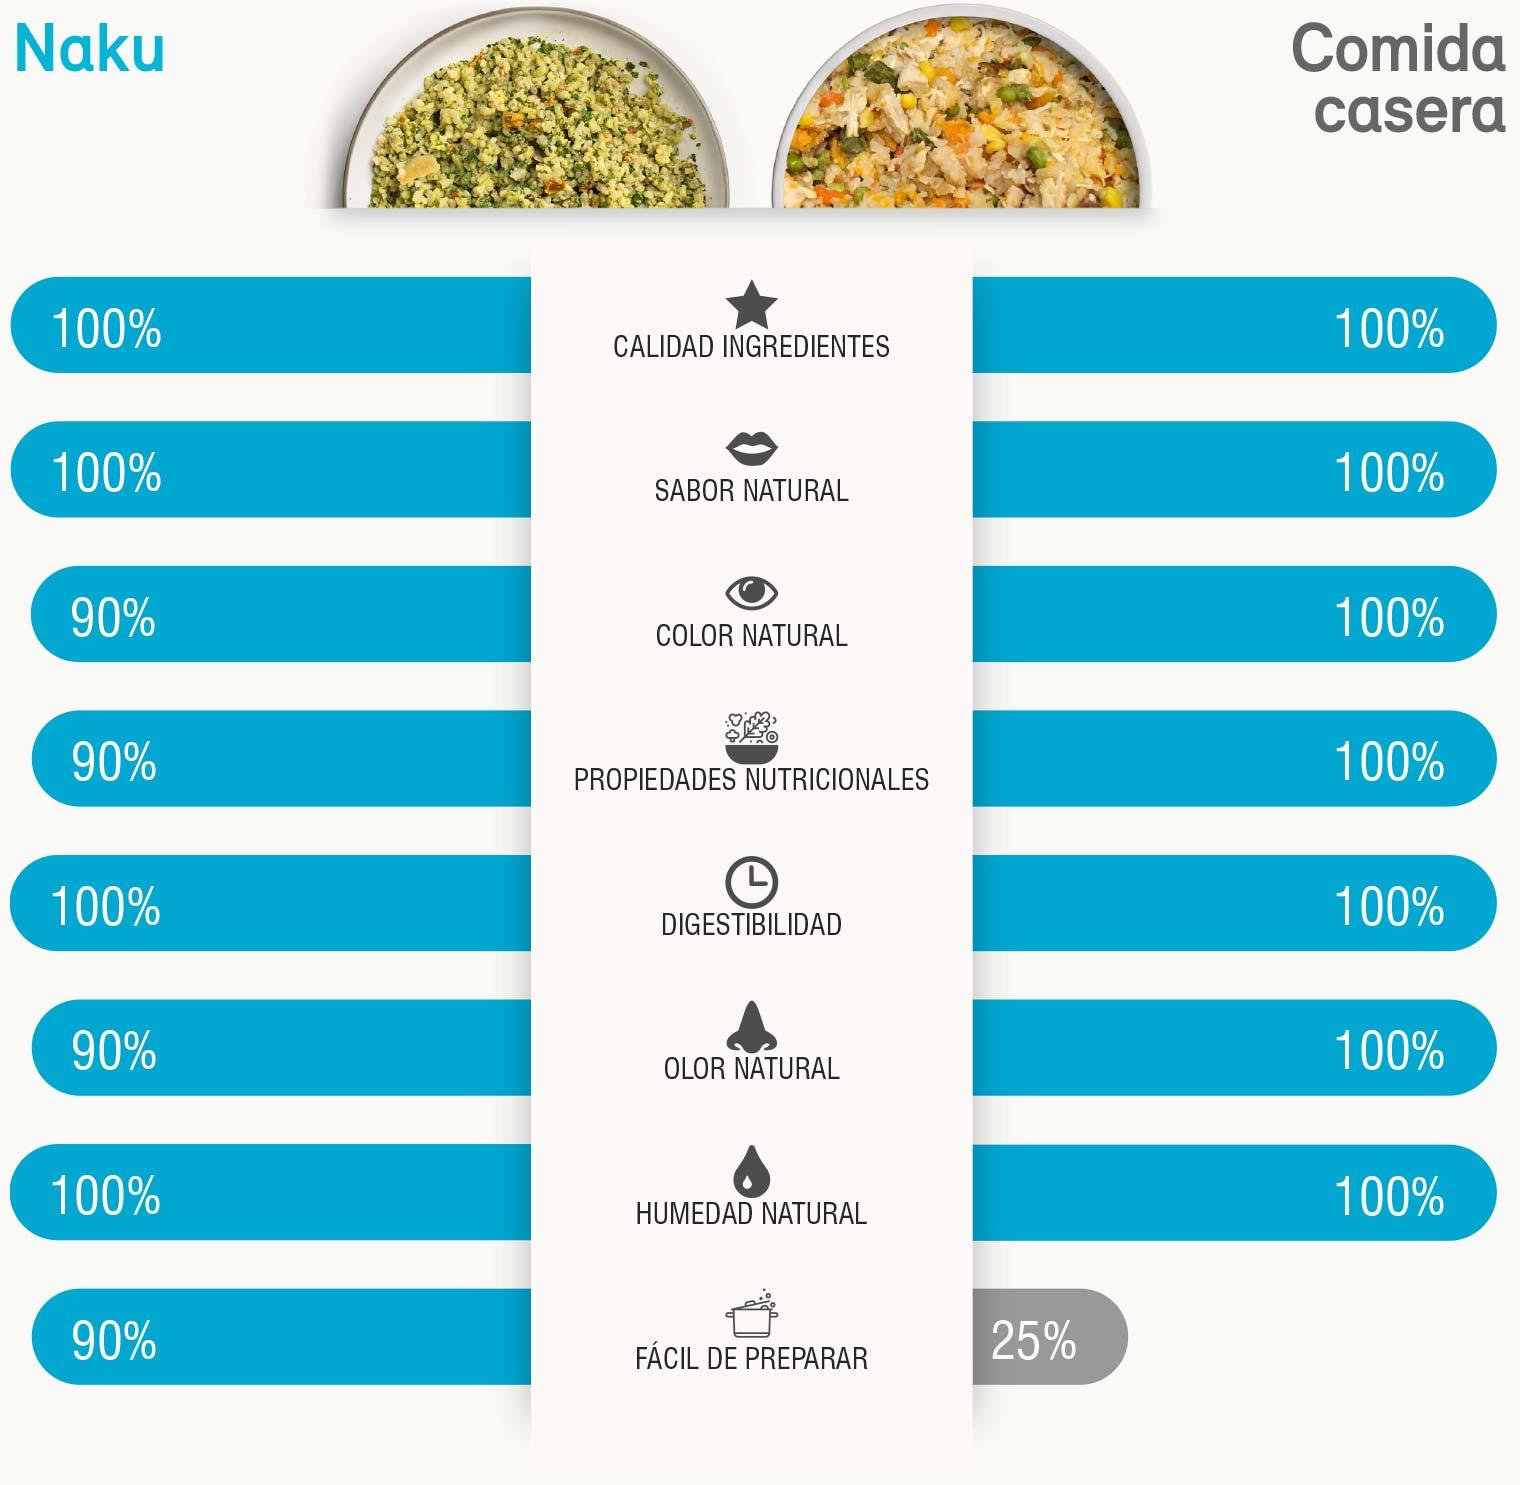 Naku VS Comida casera